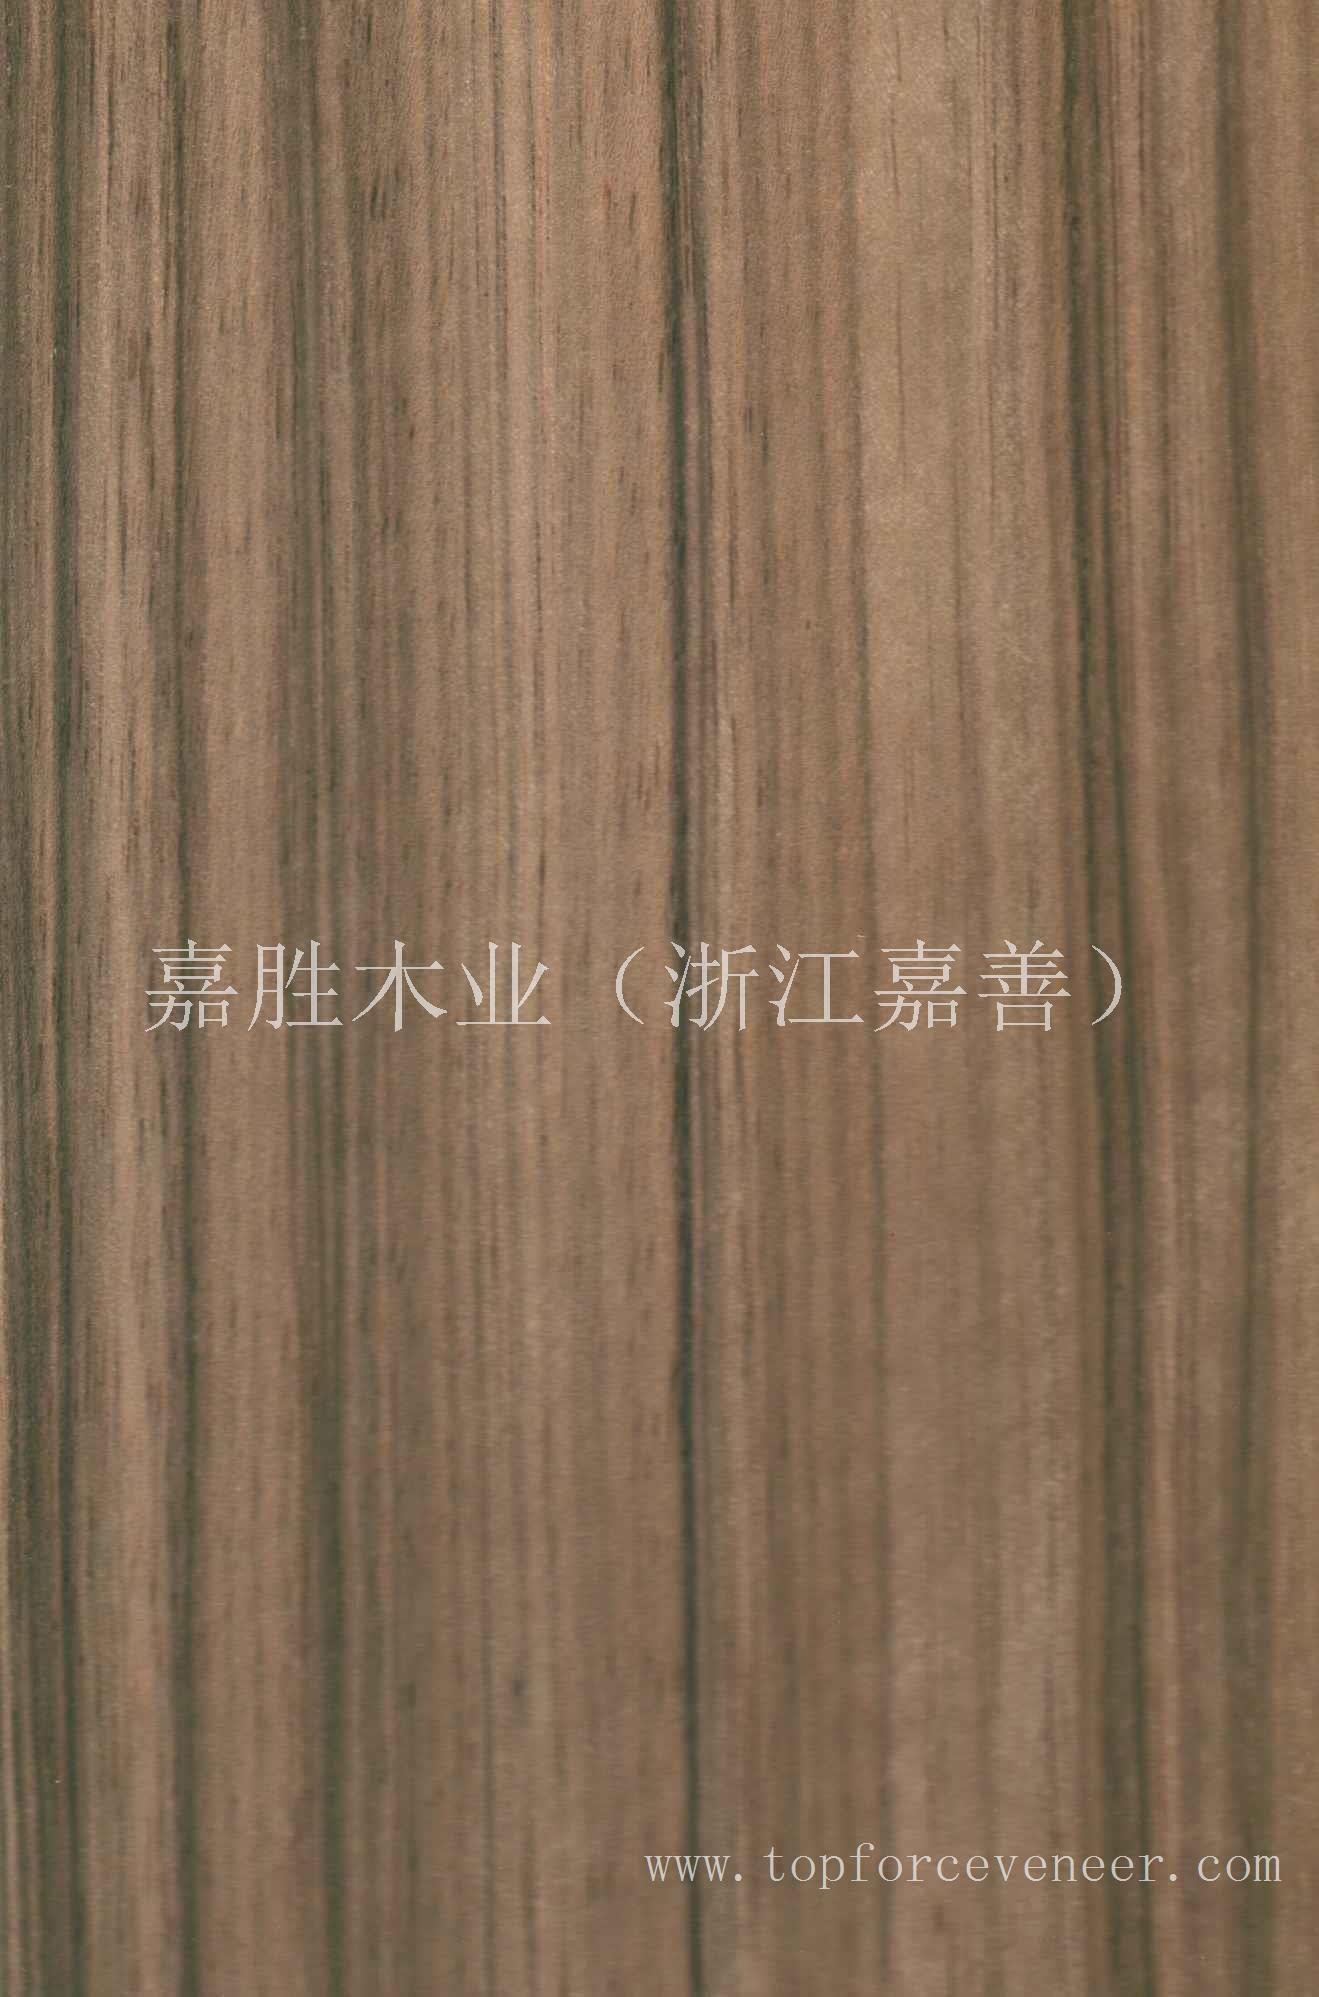 非洲胡桃原木木皮,金丝胡桃原木木皮(PNG Walnut Logs and Veneer)